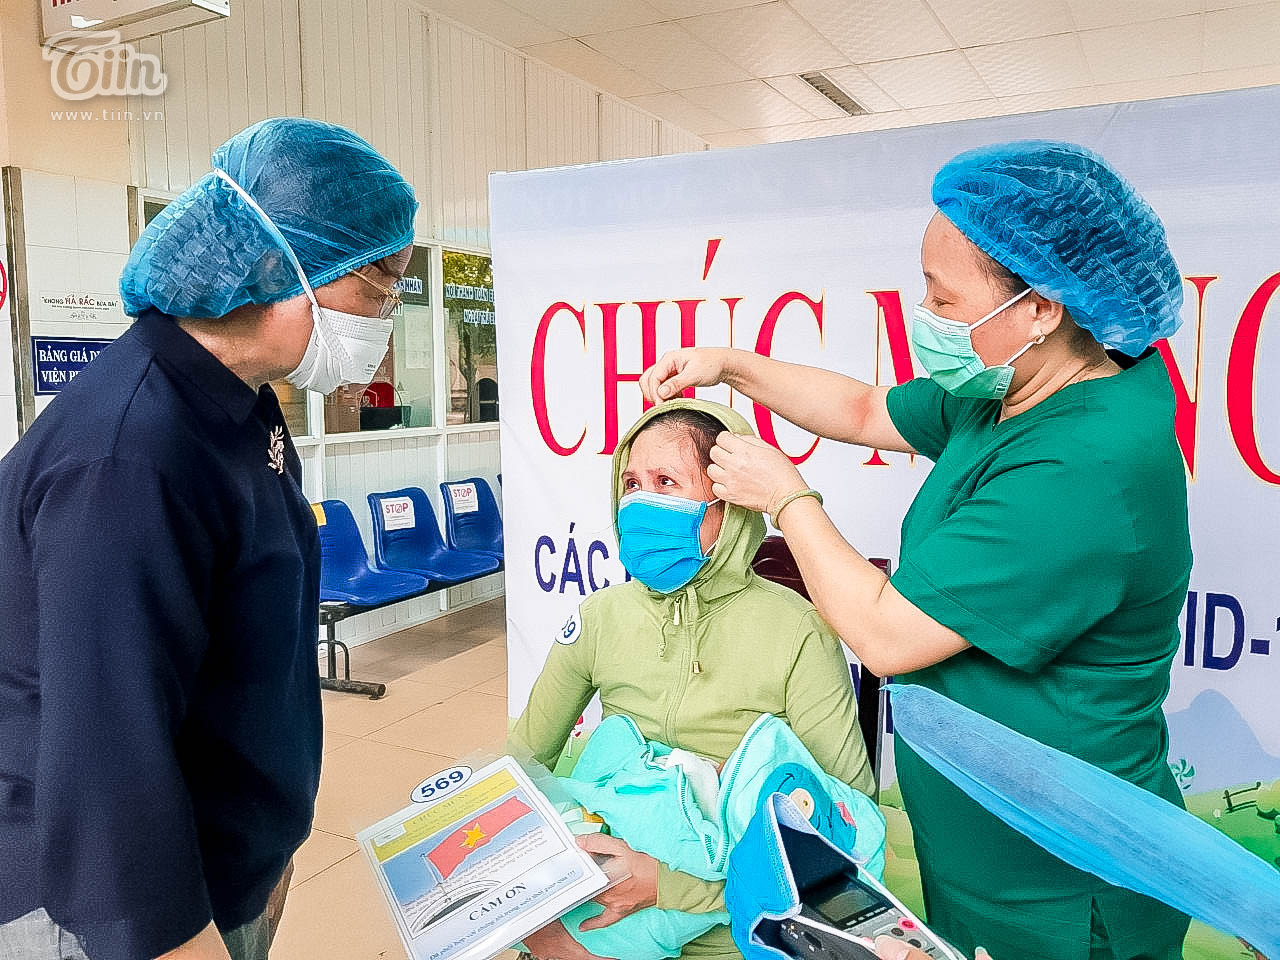 Thêm 16 bệnh nhân Covid-19 ở Đà Nẵng khỏi bệnh, sản phụ nhiễm bệnh đã xuất viện cùng con 3